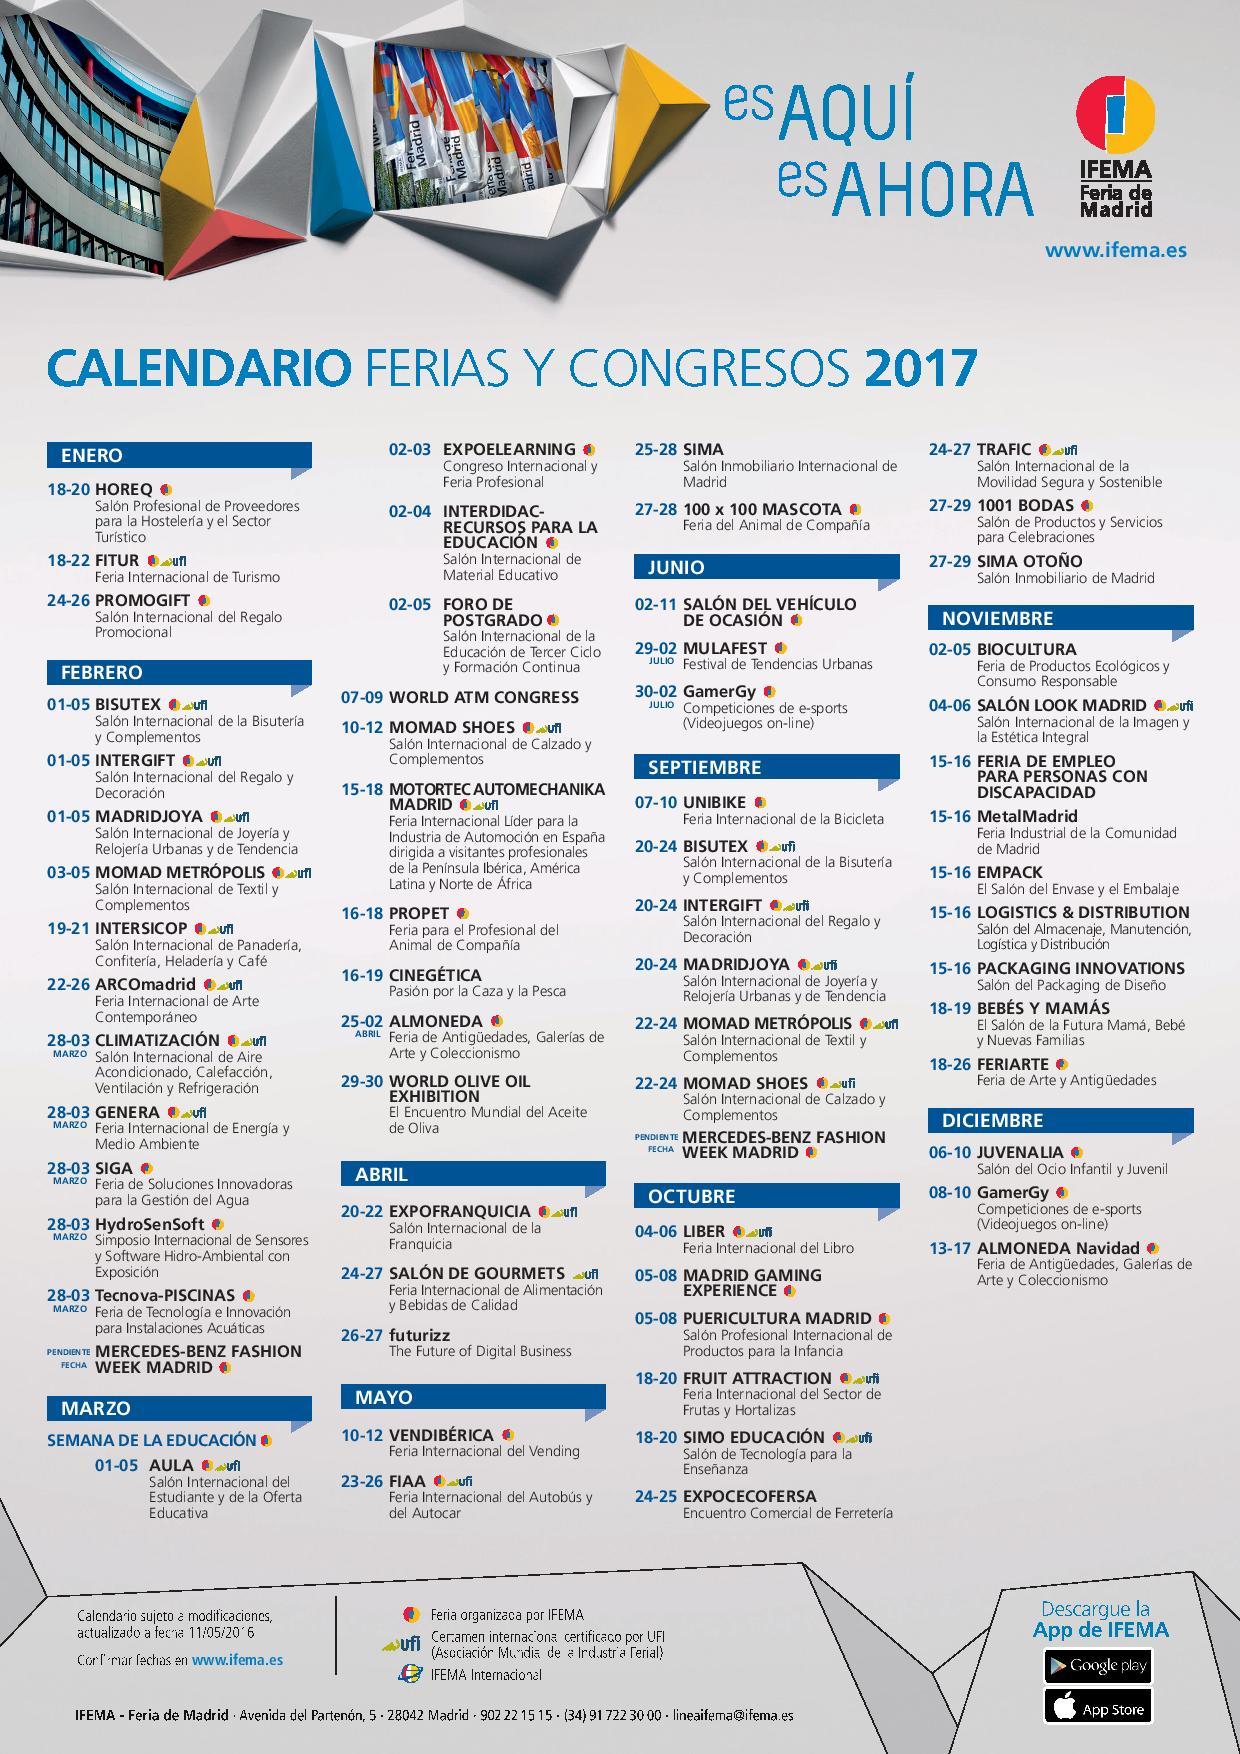 Calendario de ferias y congresos de ifema de 2016 y 2017 for Calendario ferias